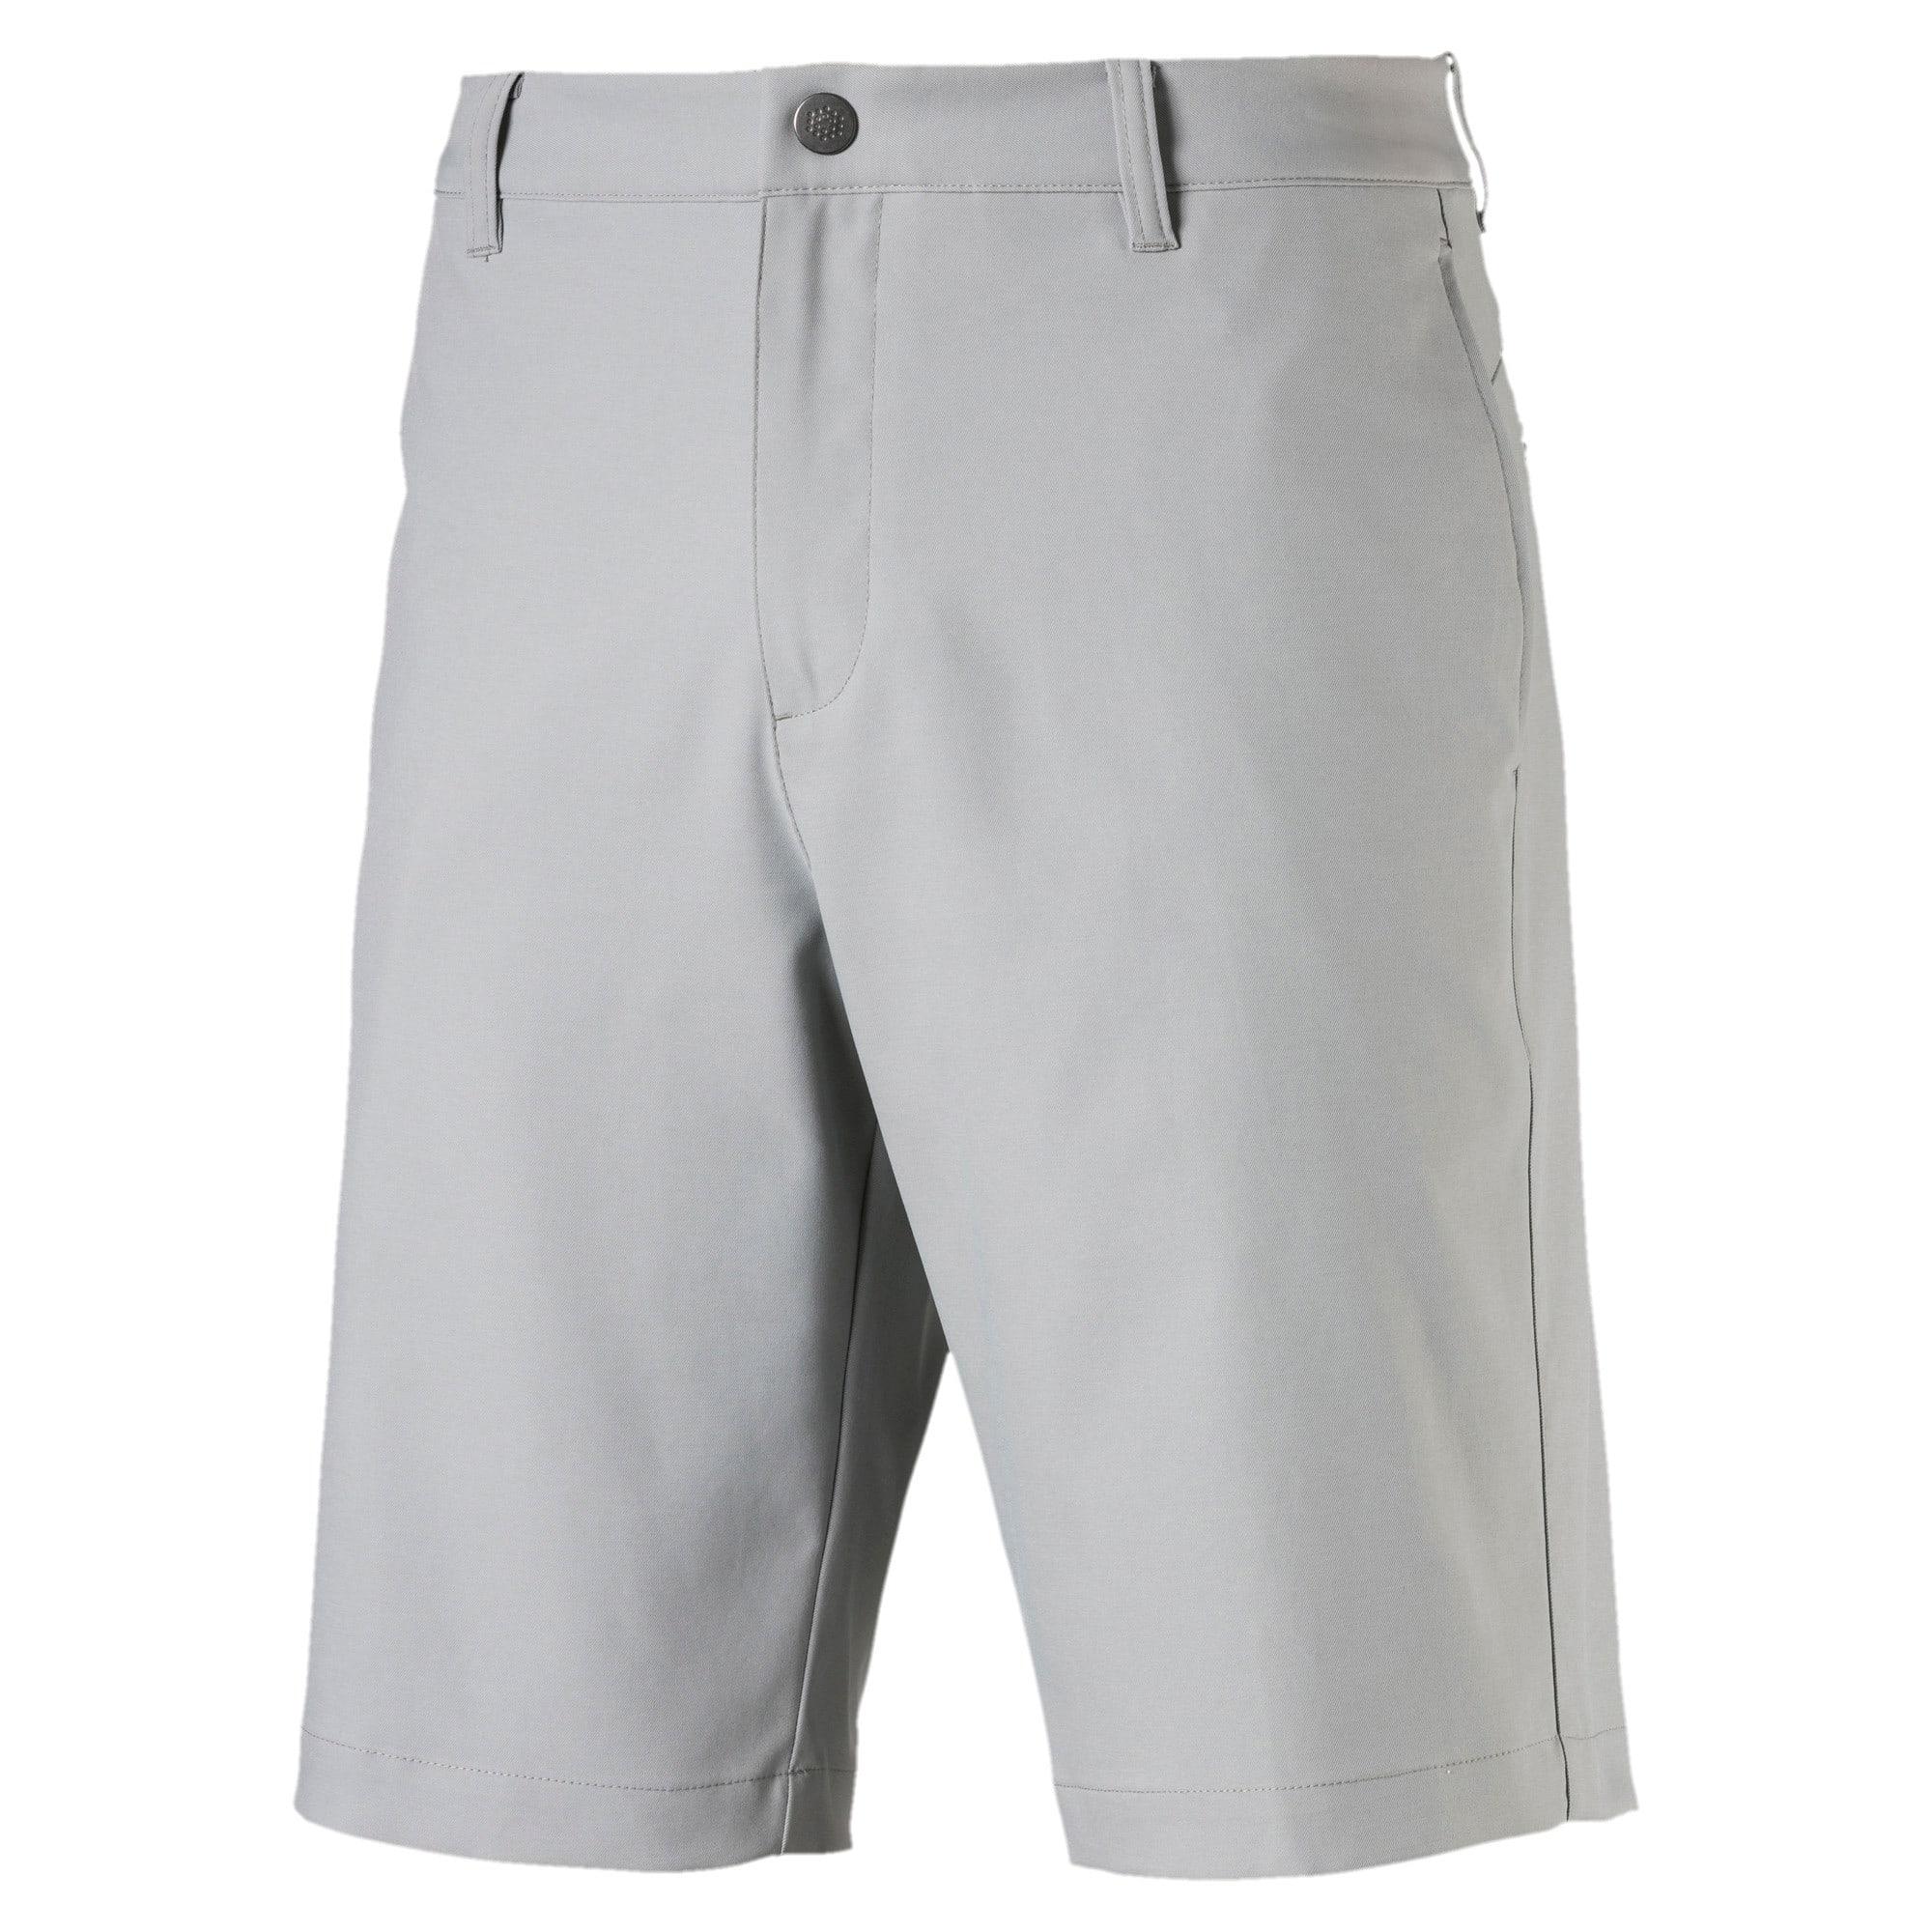 Miniatura 1 de Shorts Jackpot de hombre, Quarry, mediano